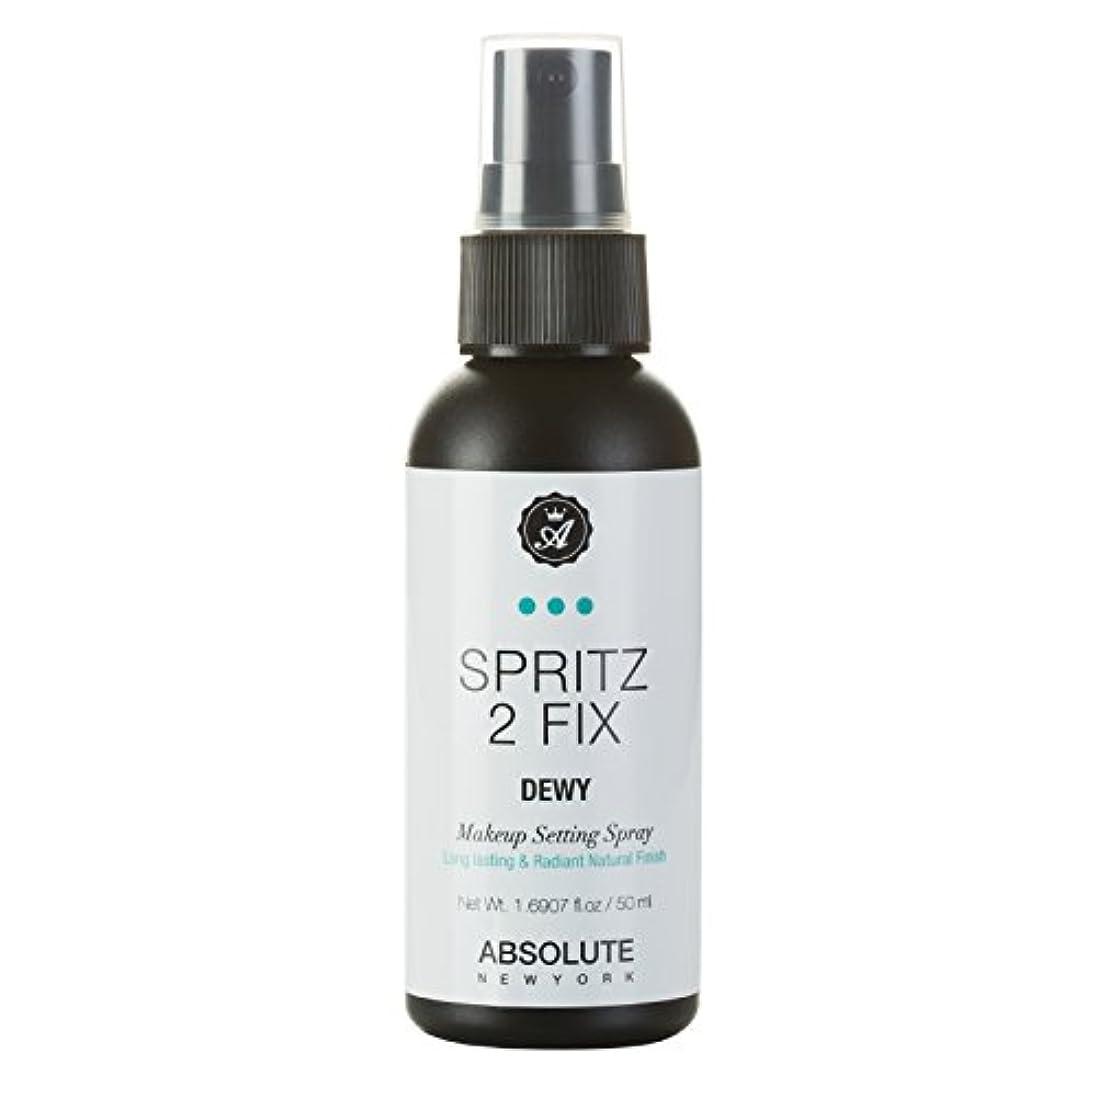 フクロウシンプトンする必要がある(6 Pack) ABSOLUTE Spritz 2 Fix Spray - Dewy (並行輸入品)